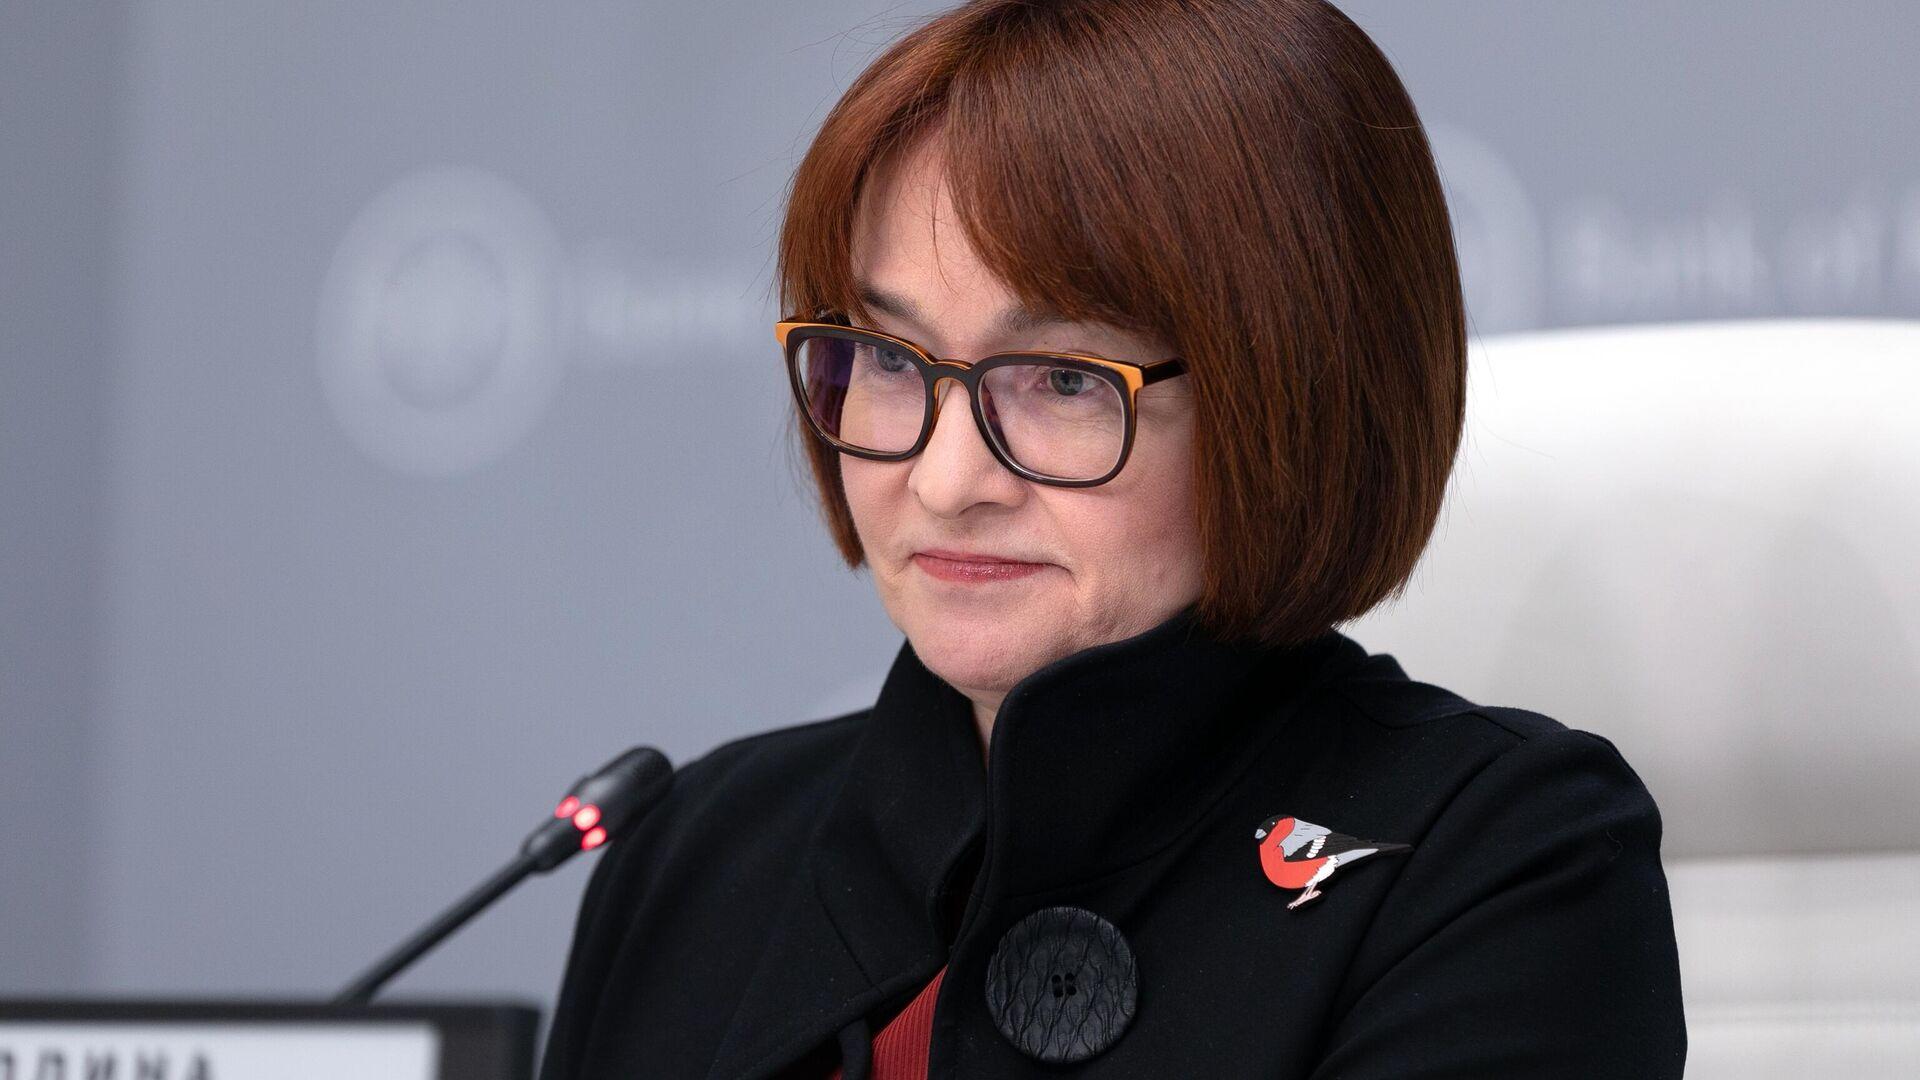 Председатель Центрального банка РФ Эльвира Набиуллина - РИА Новости, 1920, 12.02.2021